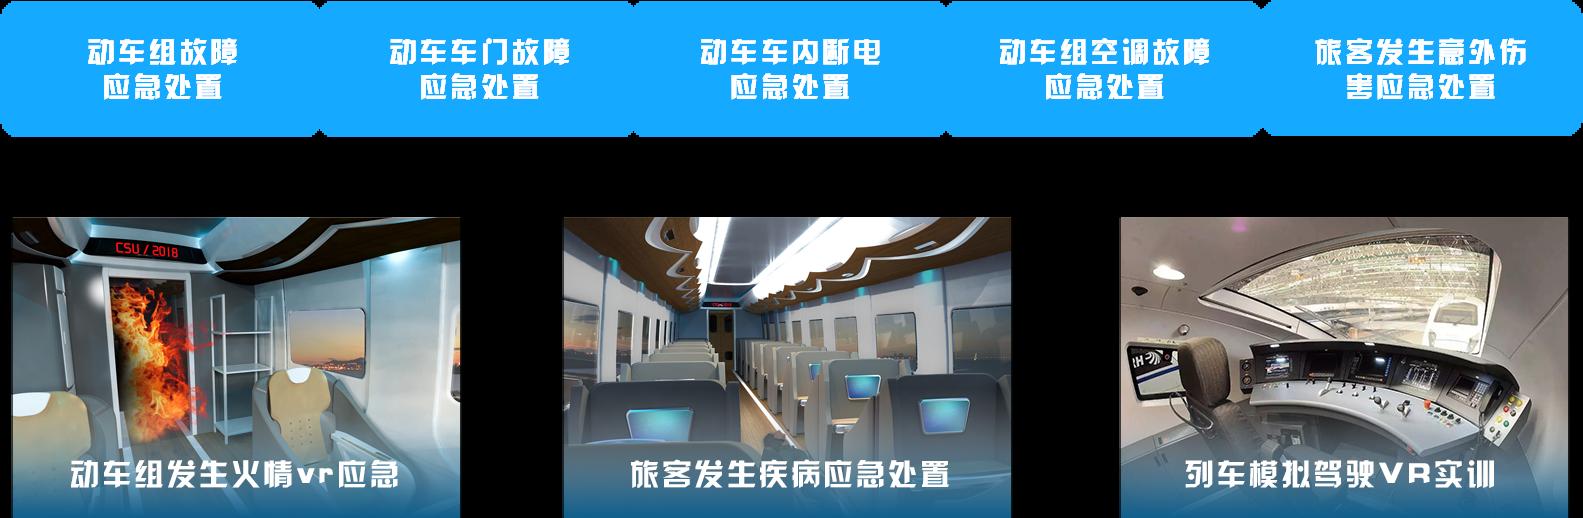 列车工作人员VR实训课程(合并)